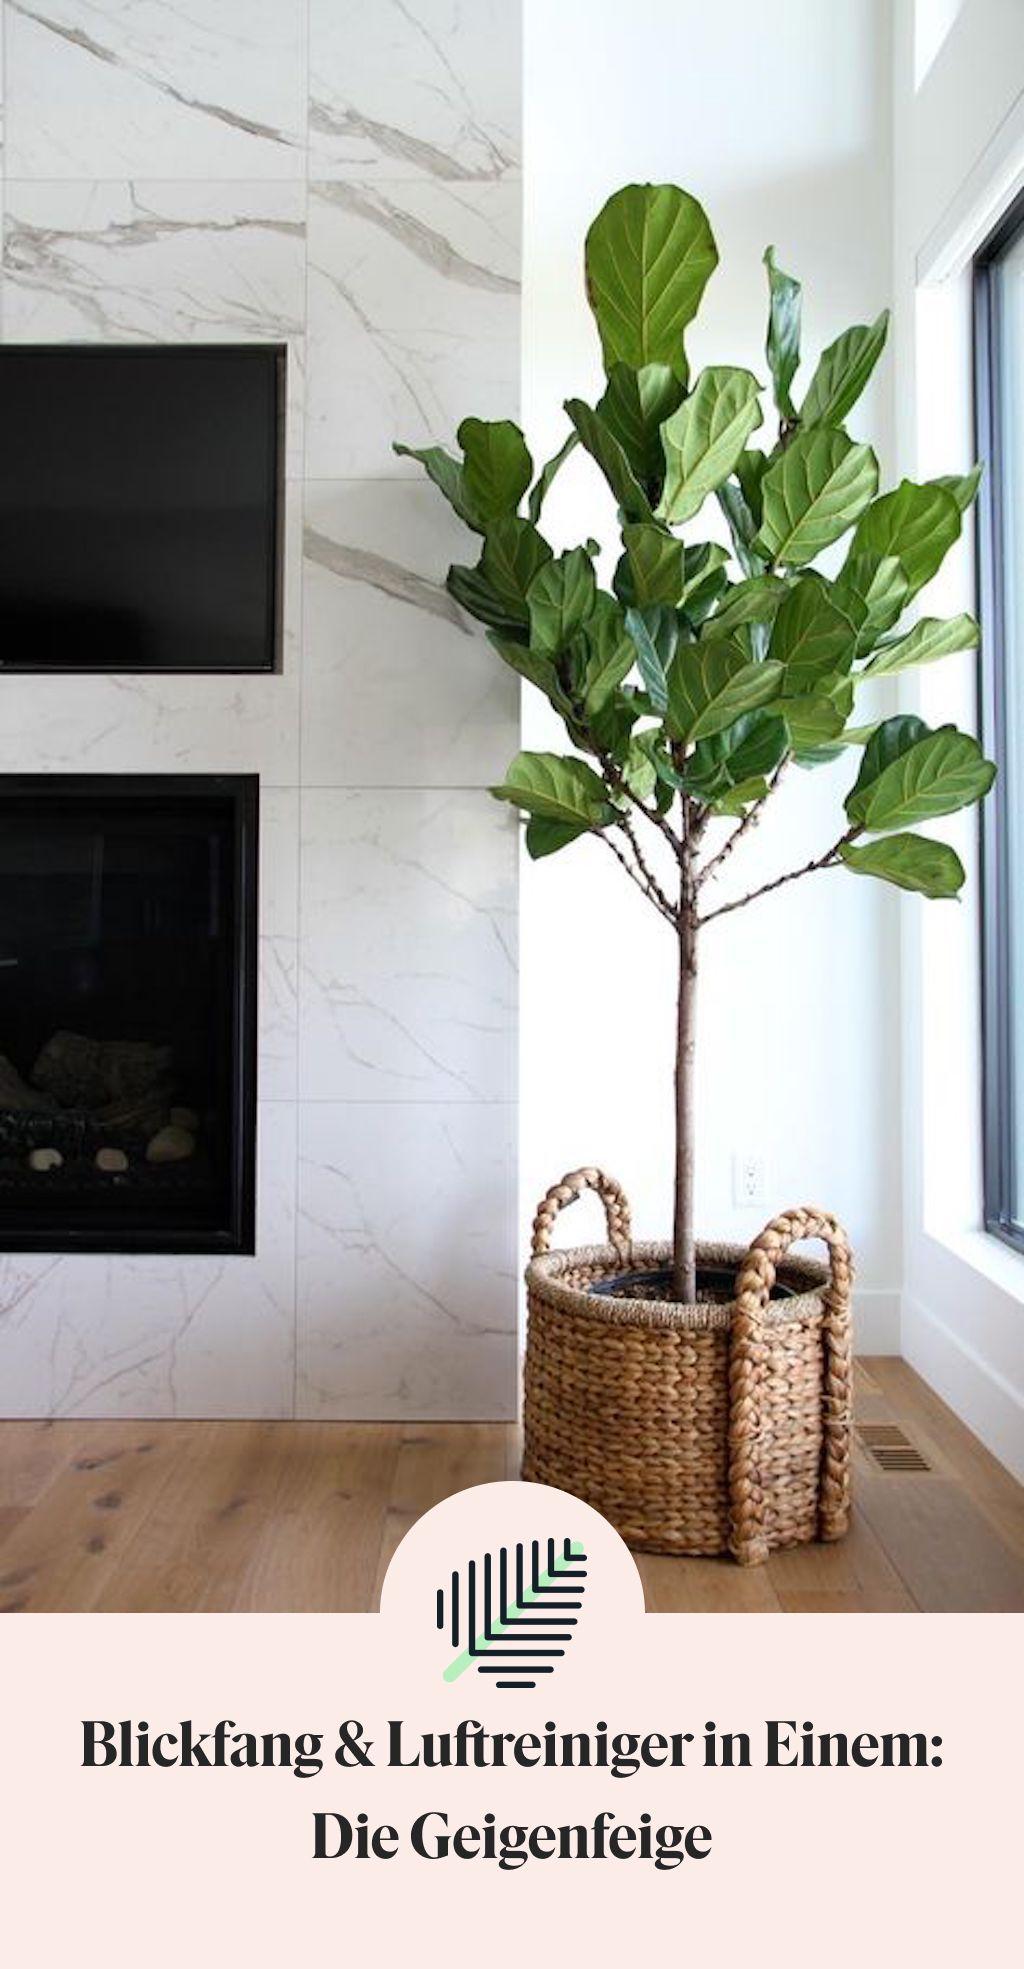 Geigenfeigenbaum Geigenfeige Tropisches Interieur Wohnzimmer Pflanzen